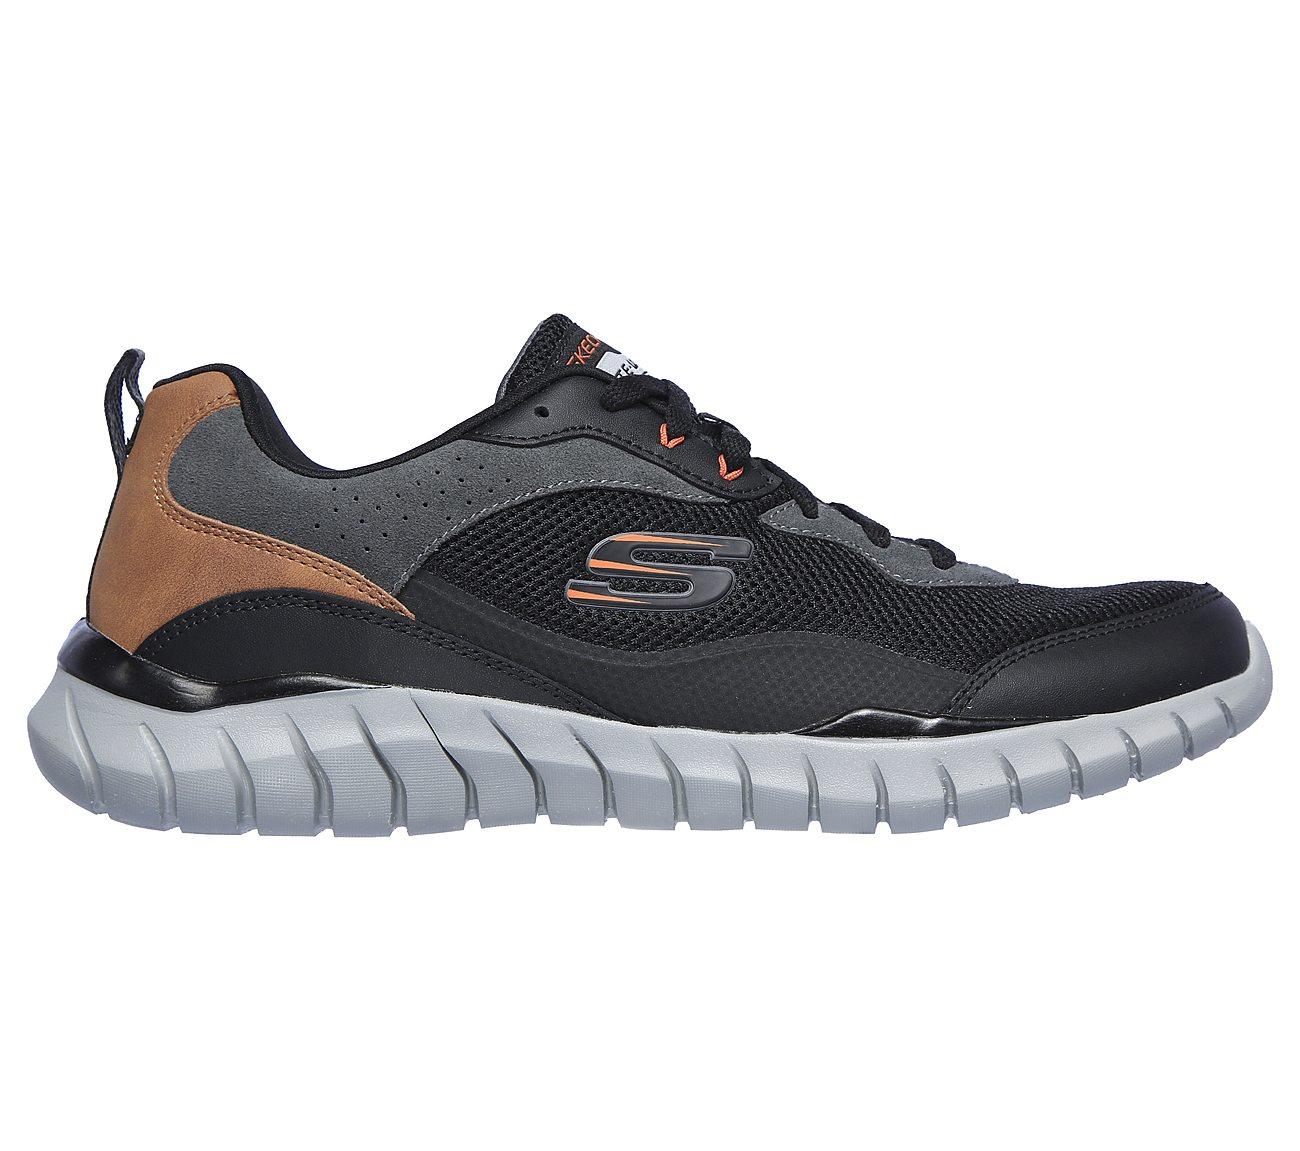 Betley SKECHERS Sport Shoes